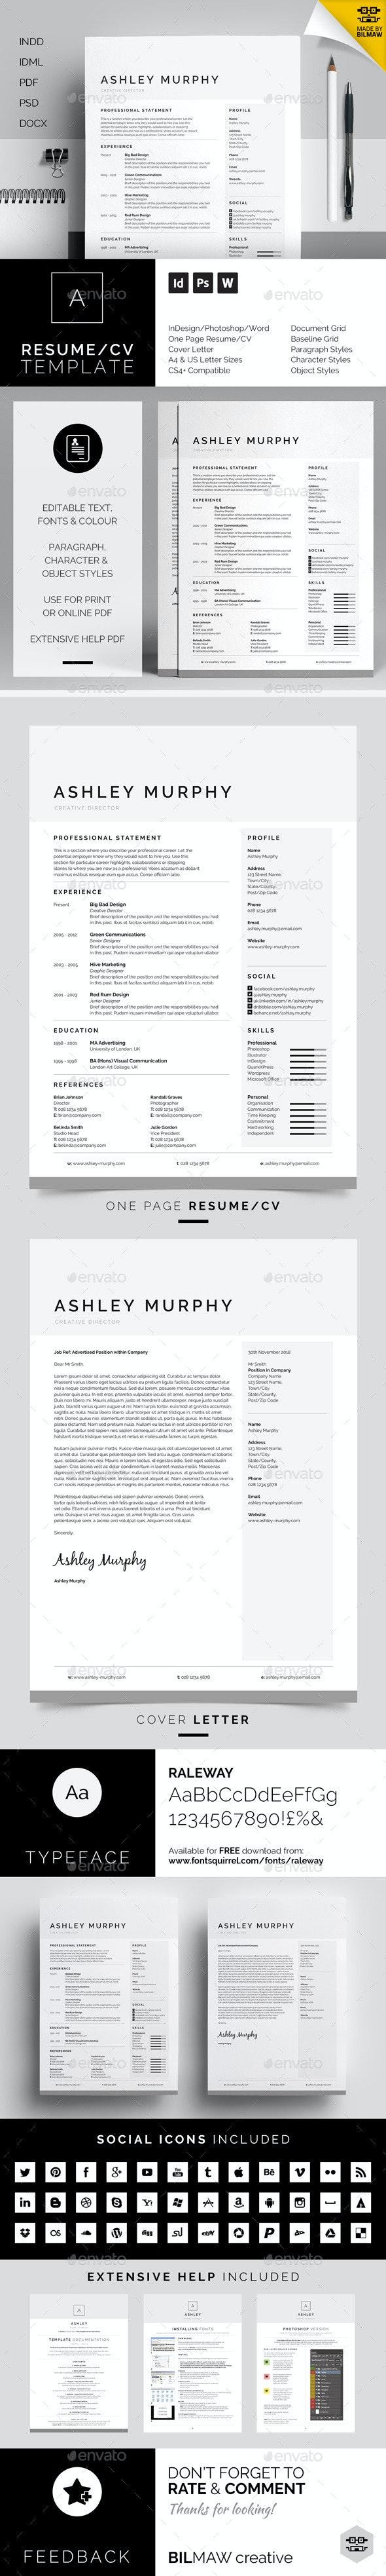 Resume/CV - Ashley - Resumes Stationery